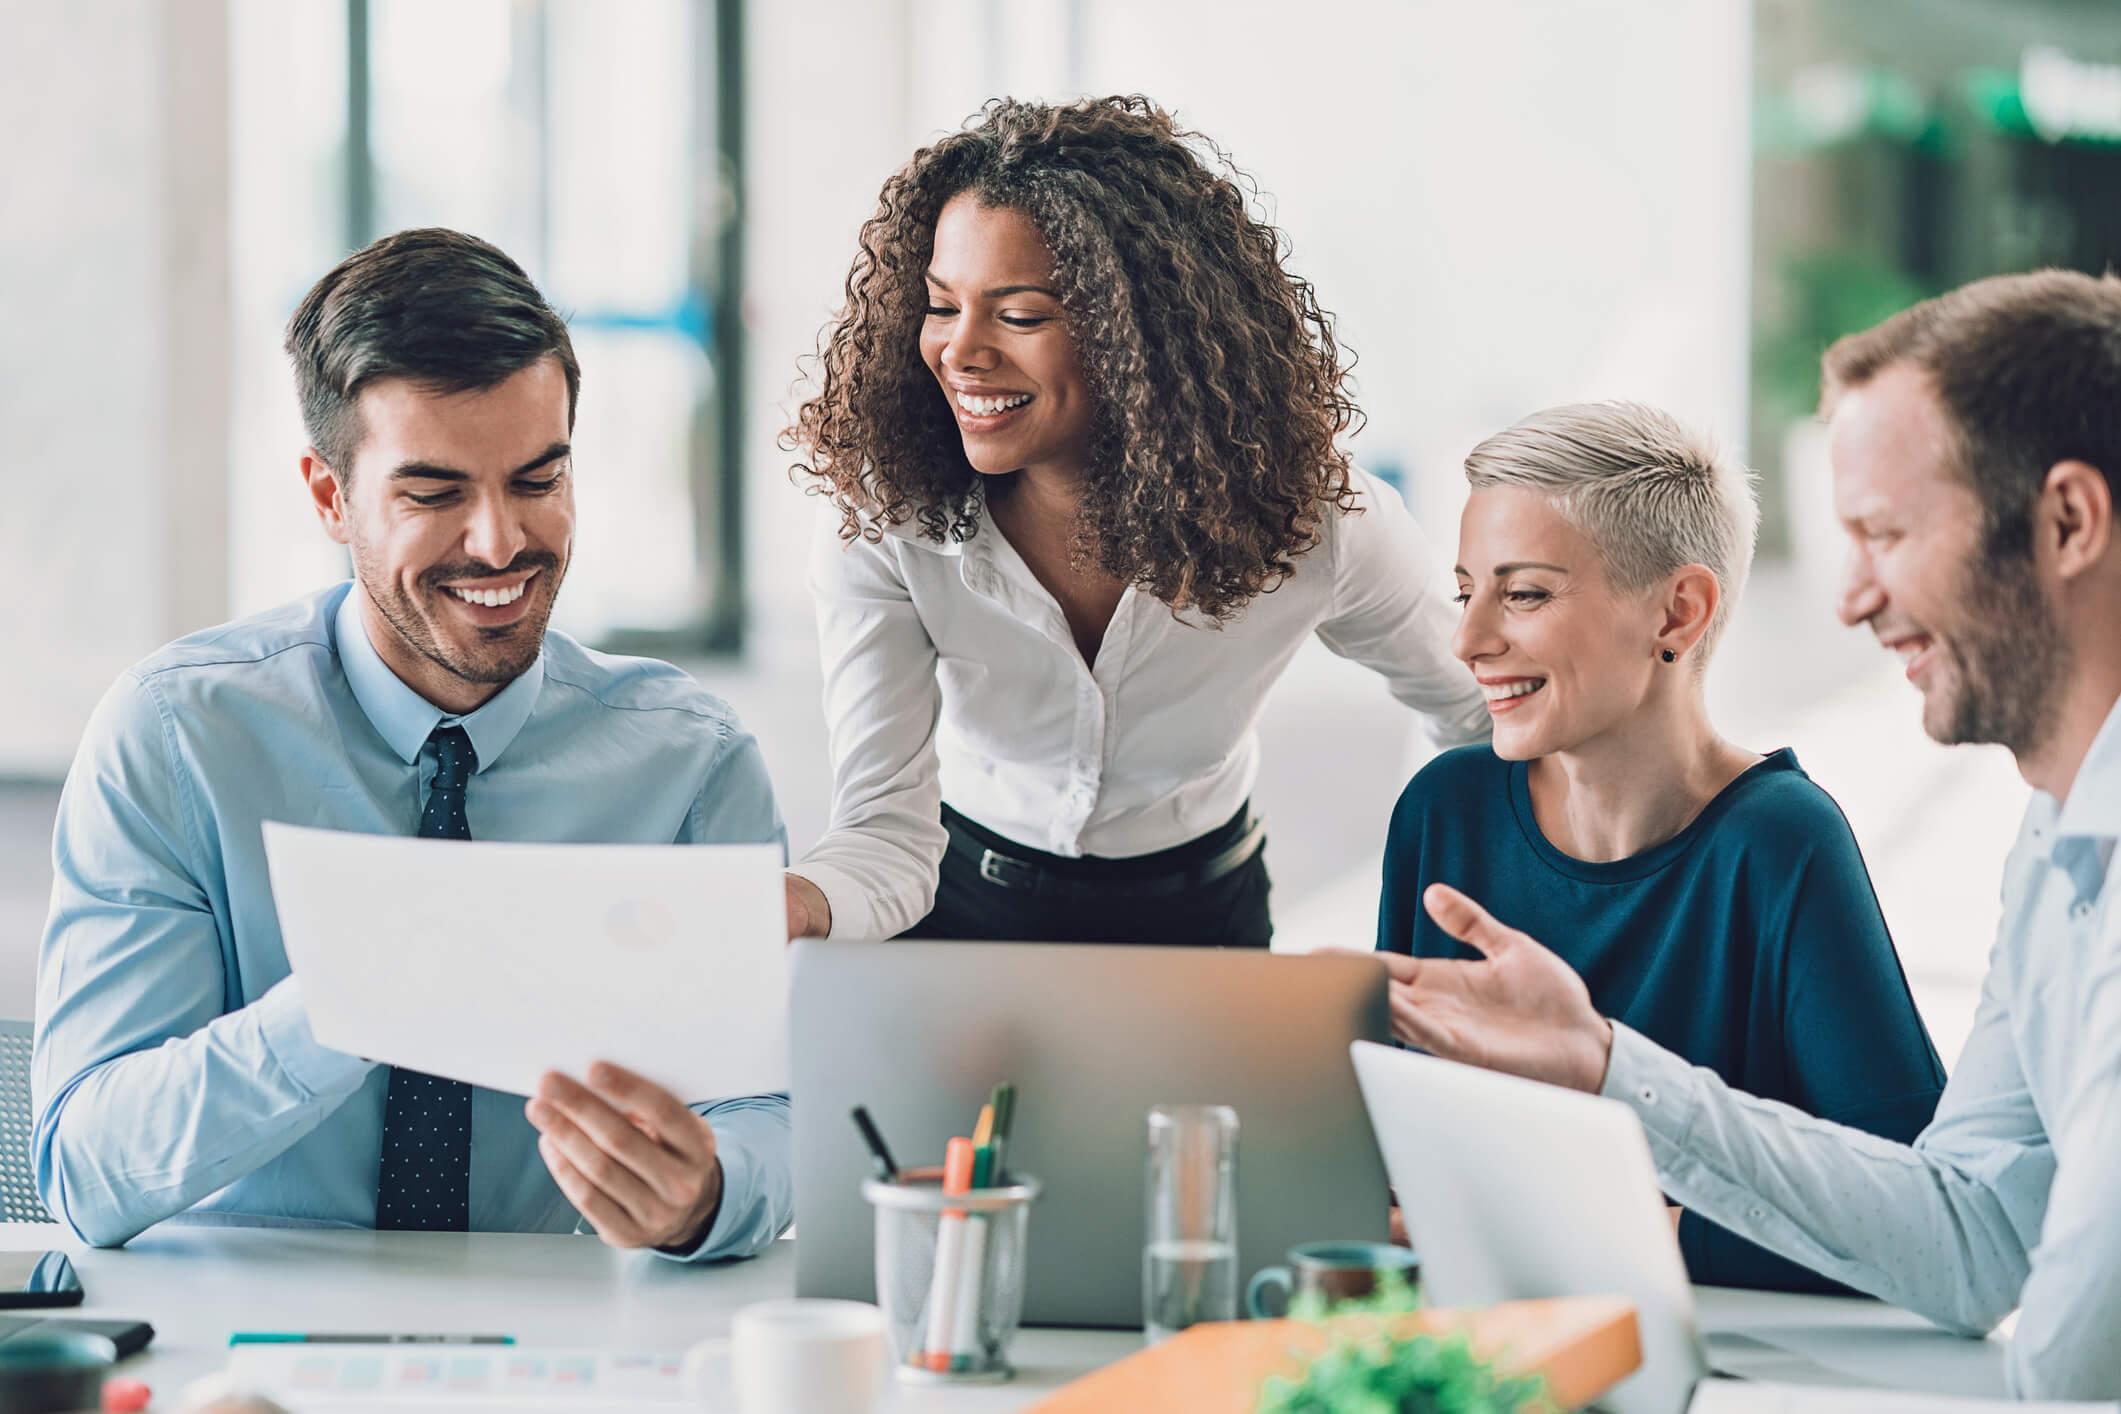 Inspiring Behavioral Change in Employees Through Peer Coaching